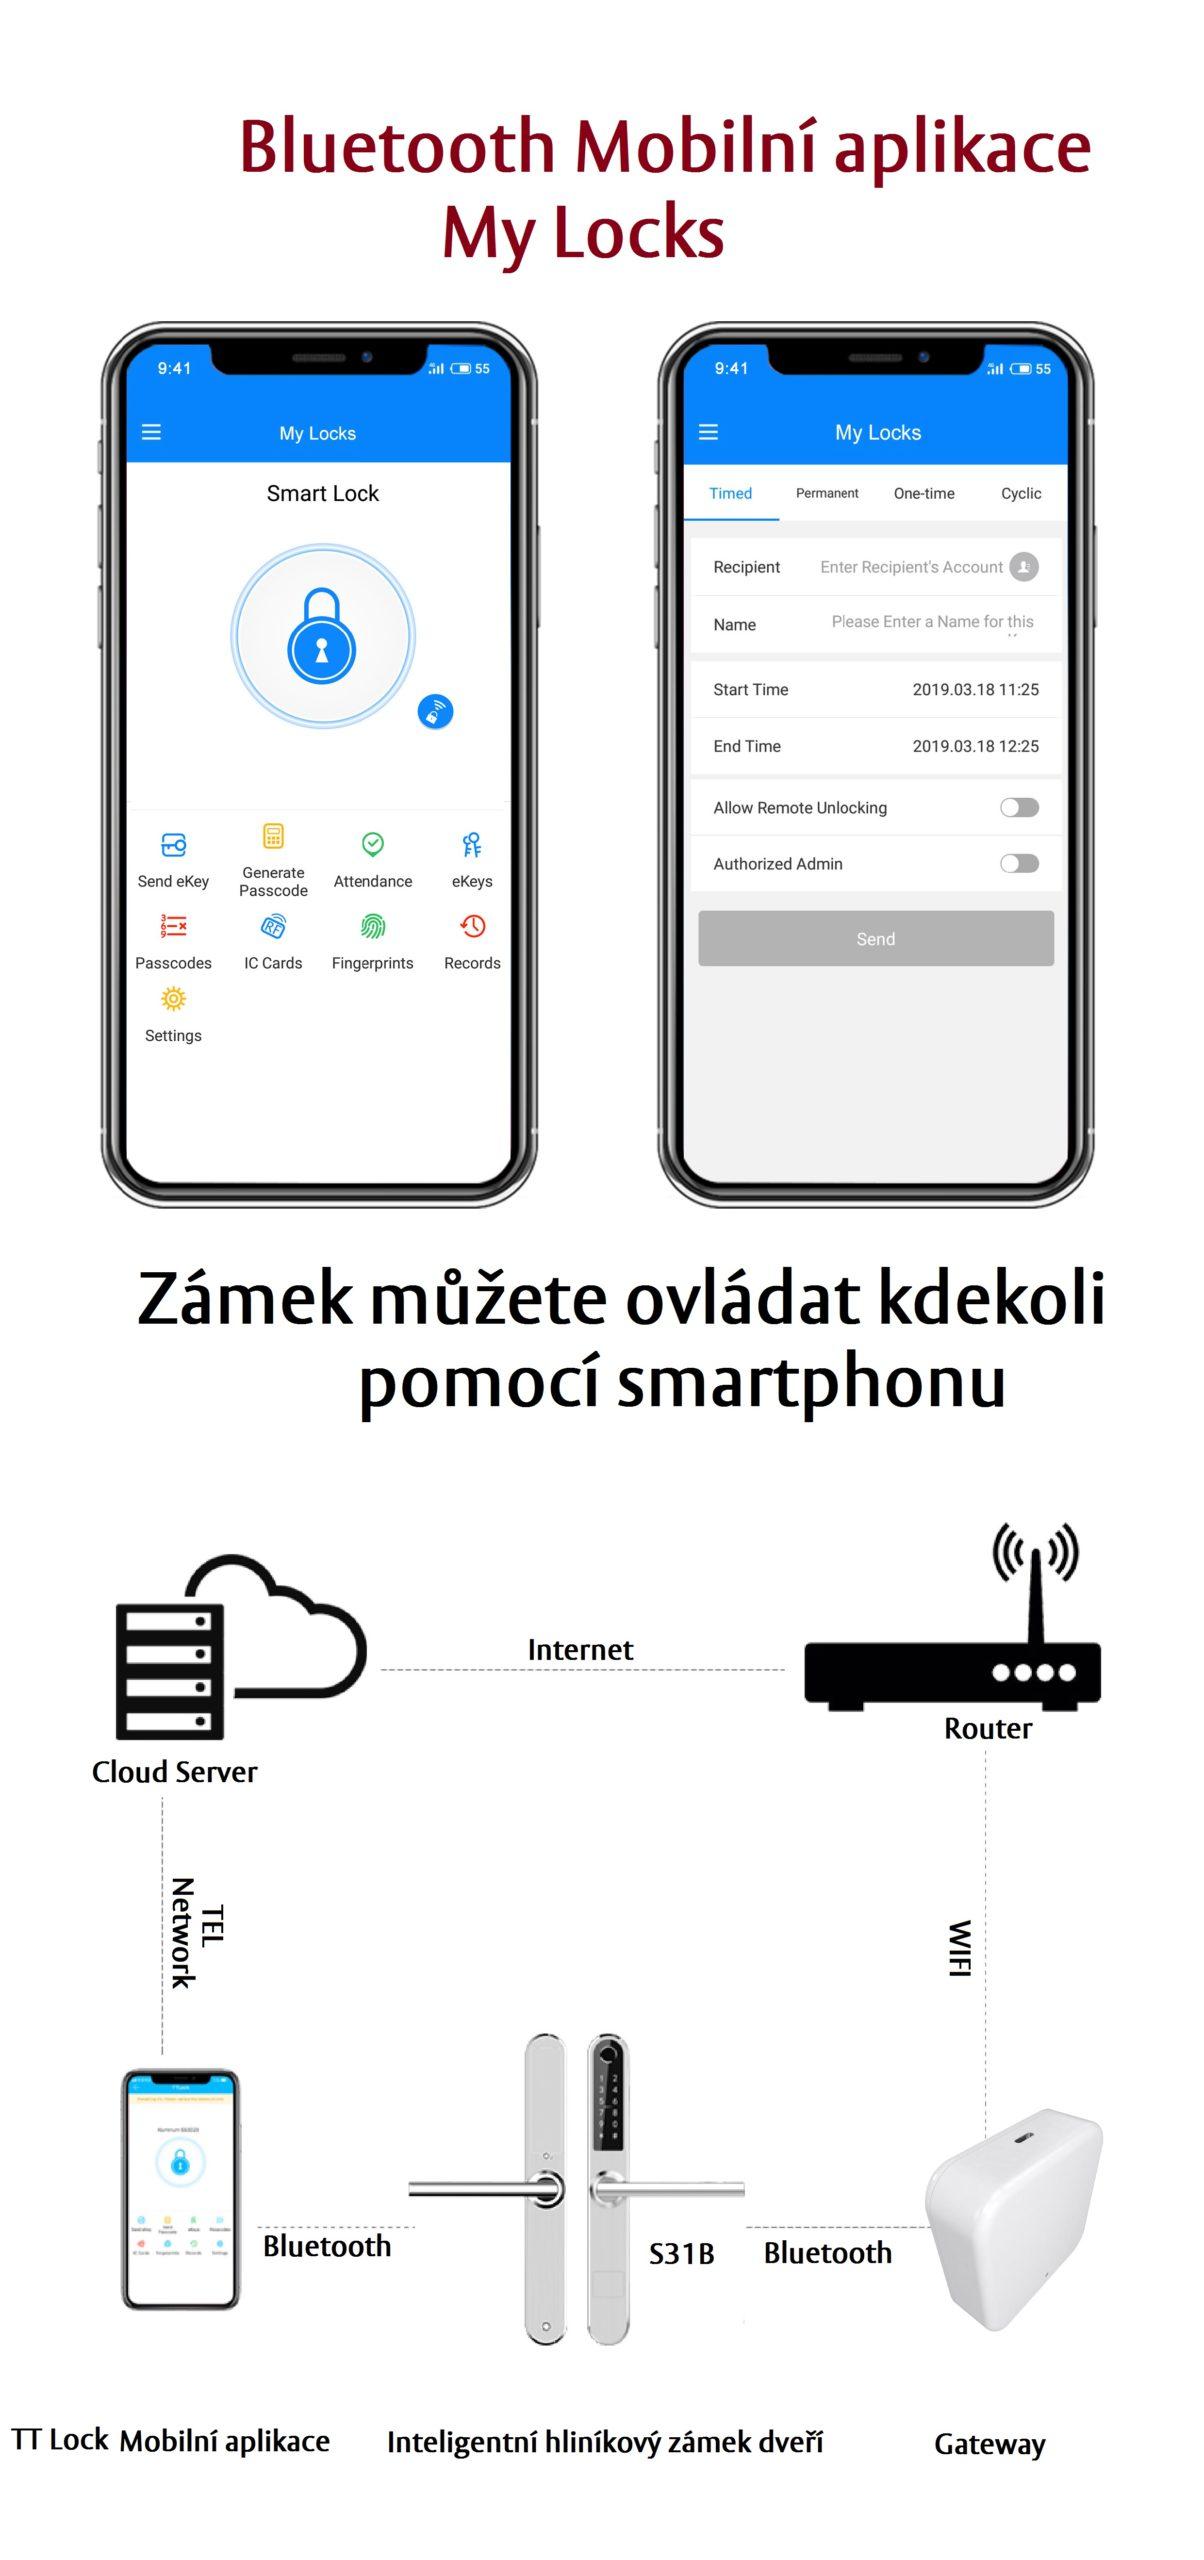 Mobilní aplikace pro správu zámku